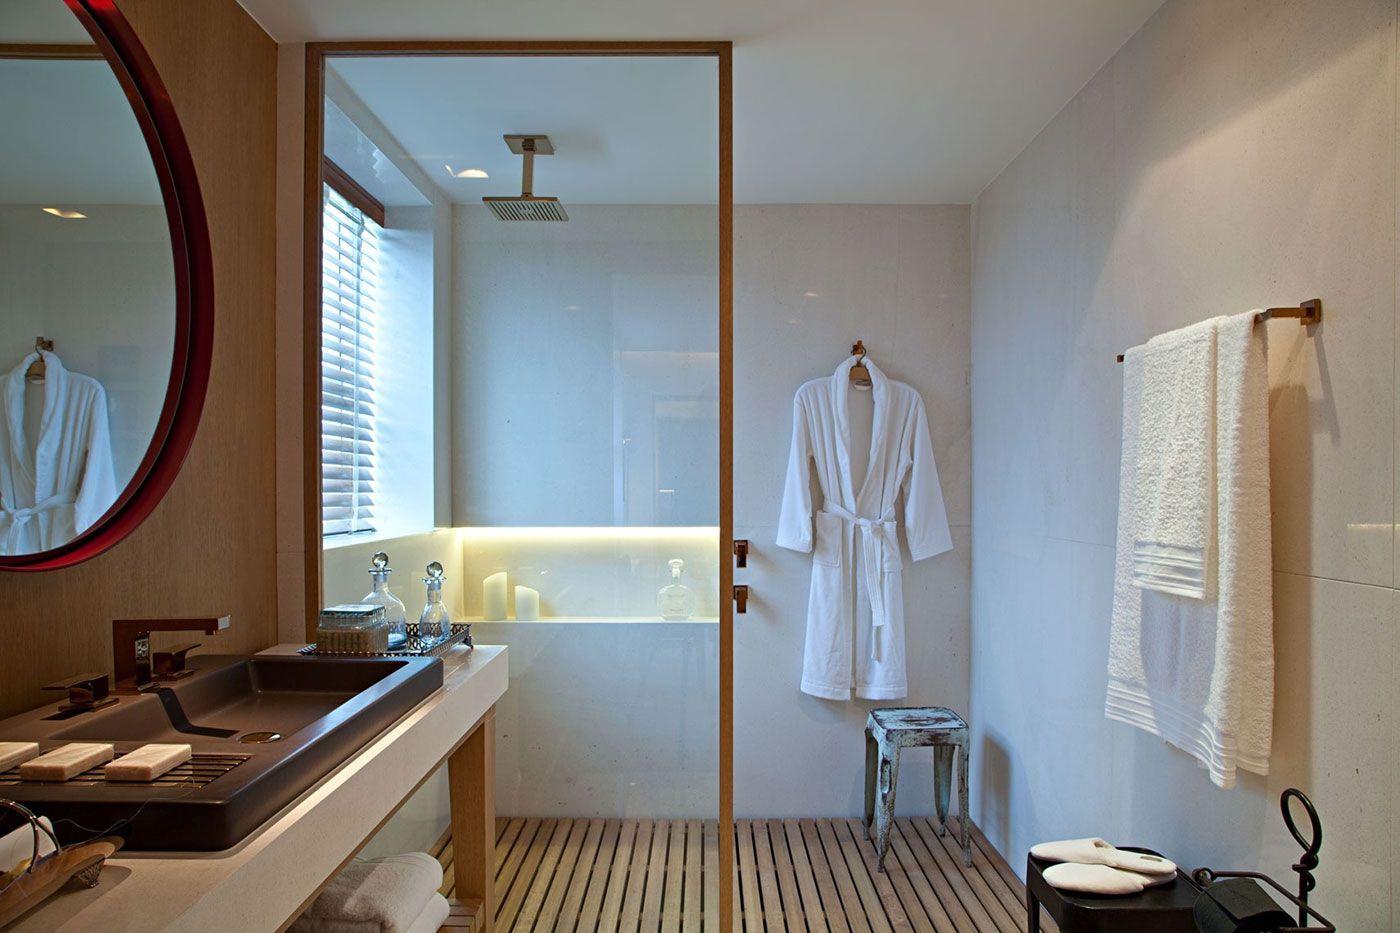 Crie um cenário zen mesmo em um banheiro de apartamento.